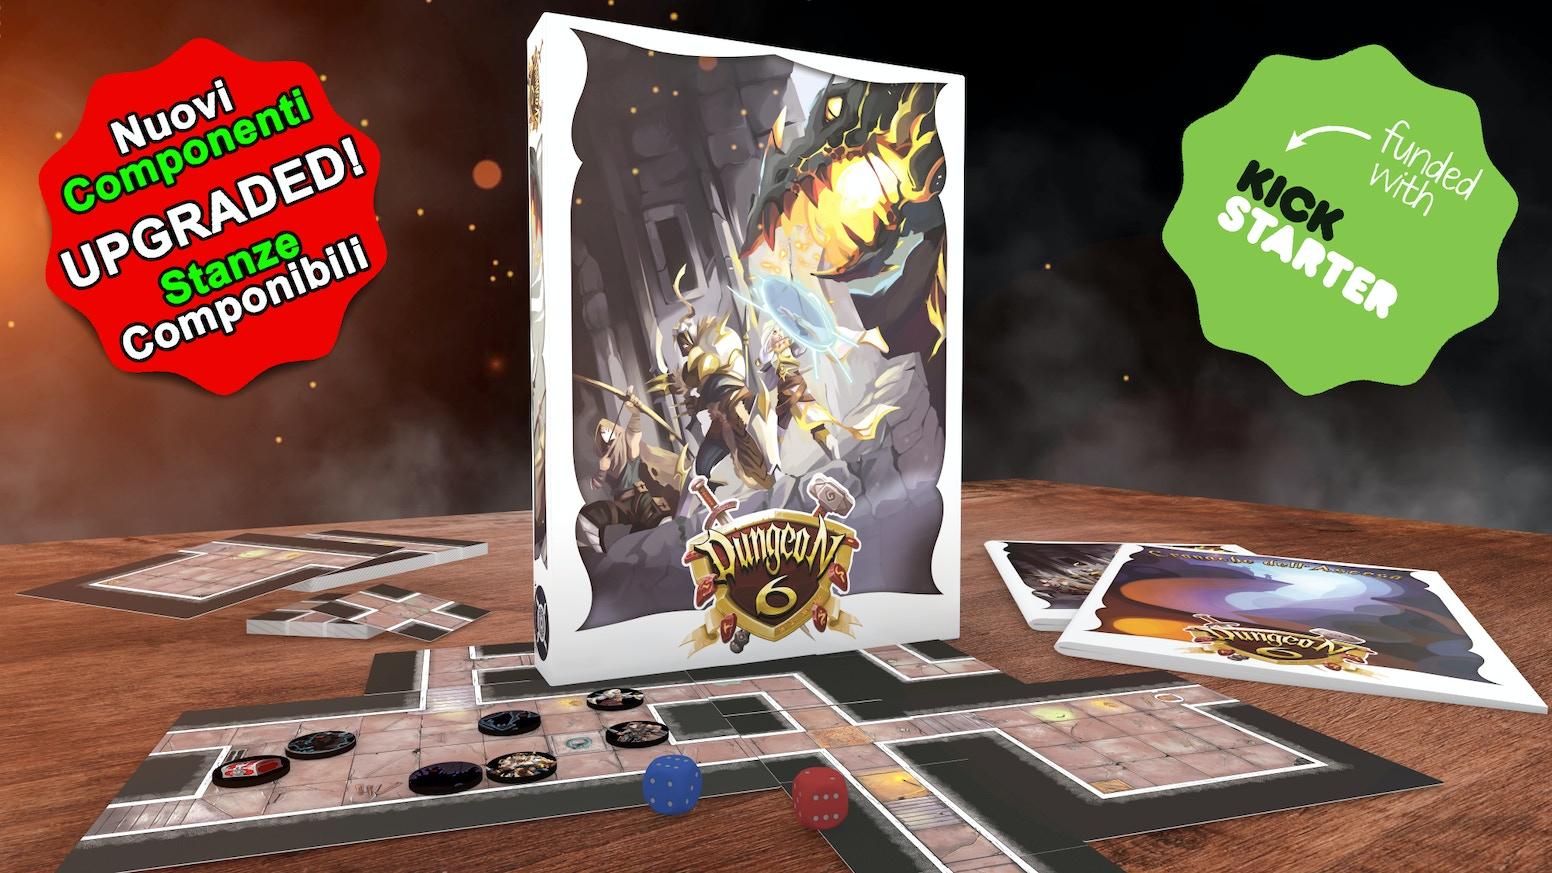 Il nuovissimo Gioco Fantasy Modulare di Esplorazione ed Epici Combattimenti